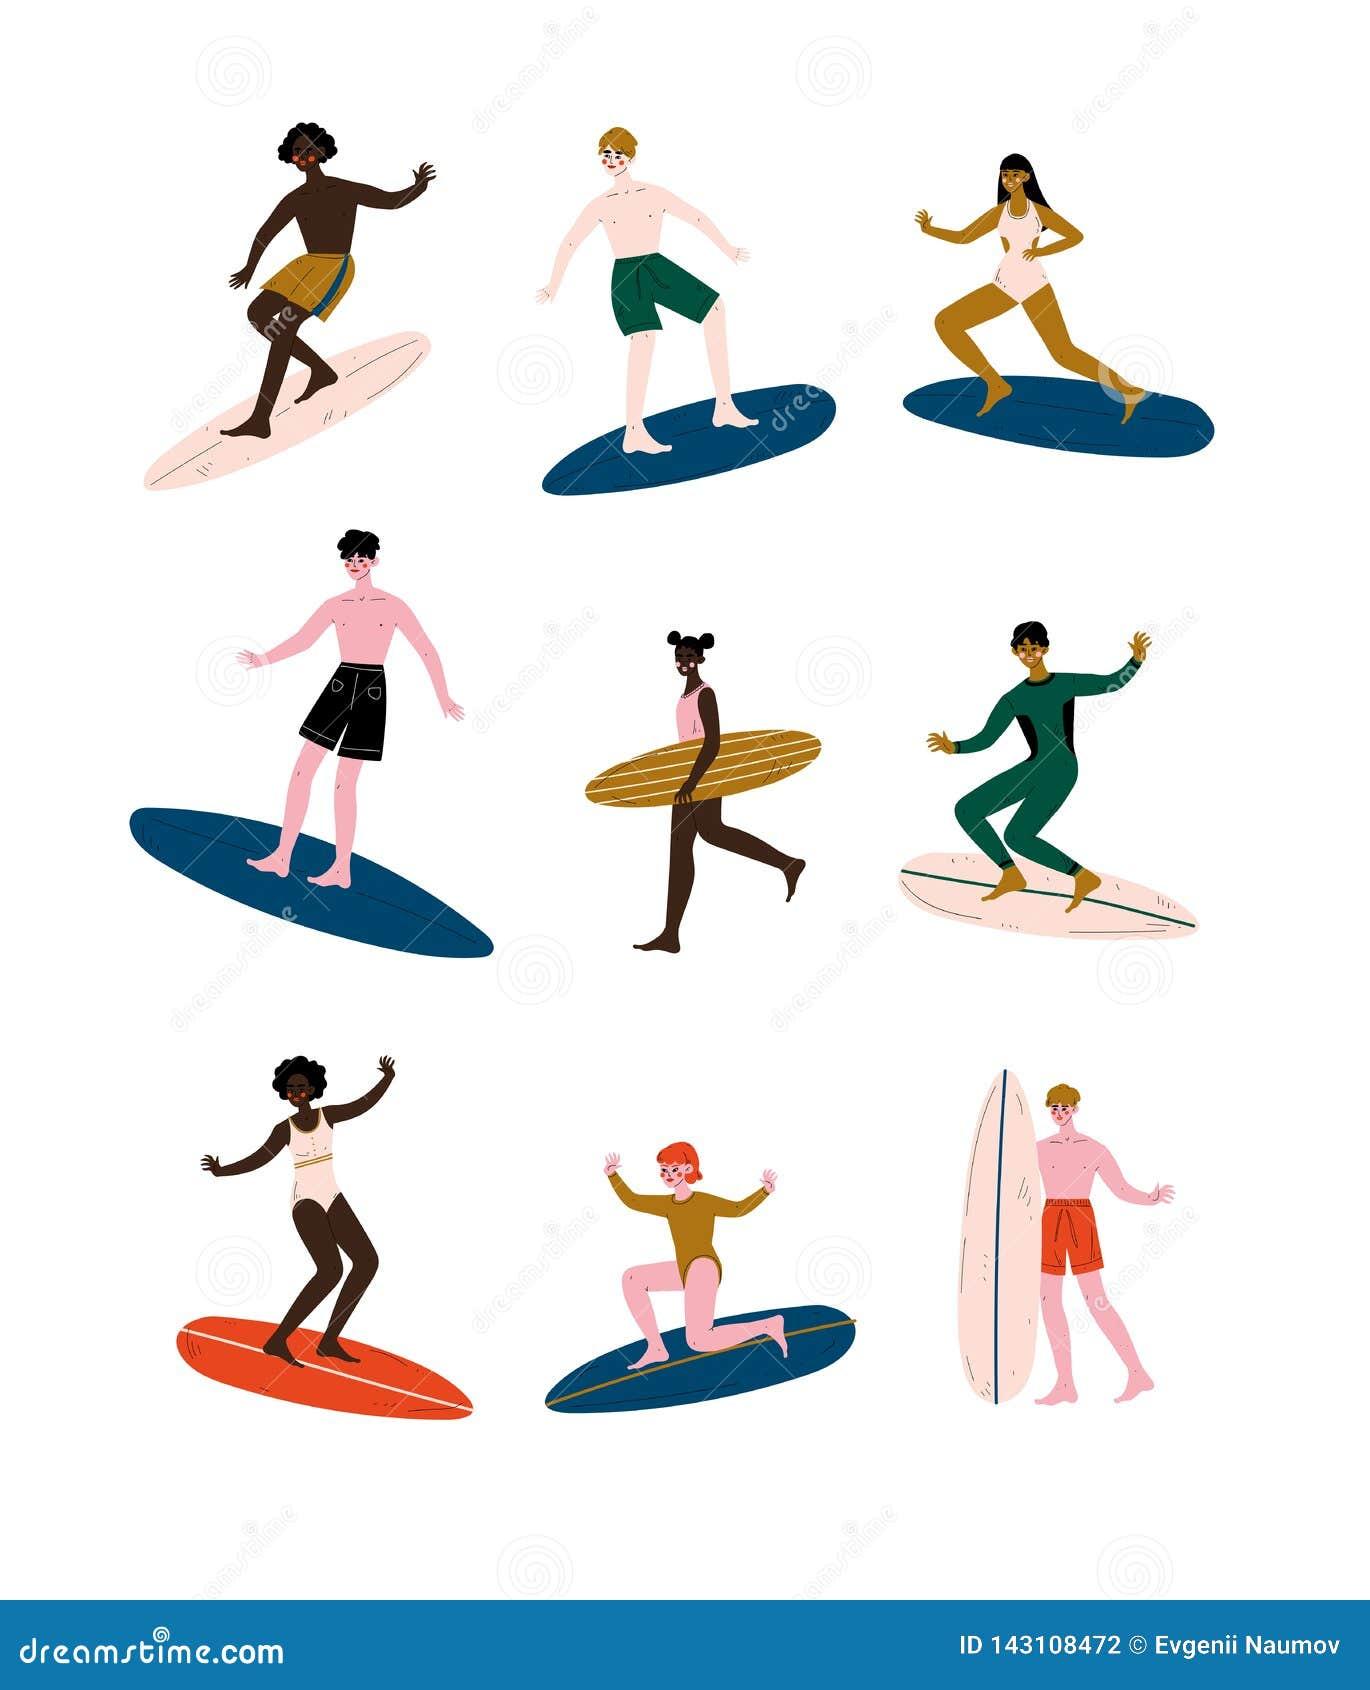 Folk av olika nationaliteter som rider surfingbrädor uppsättning, man och kvinnliga surfare som tycker om sommarsemester på havet